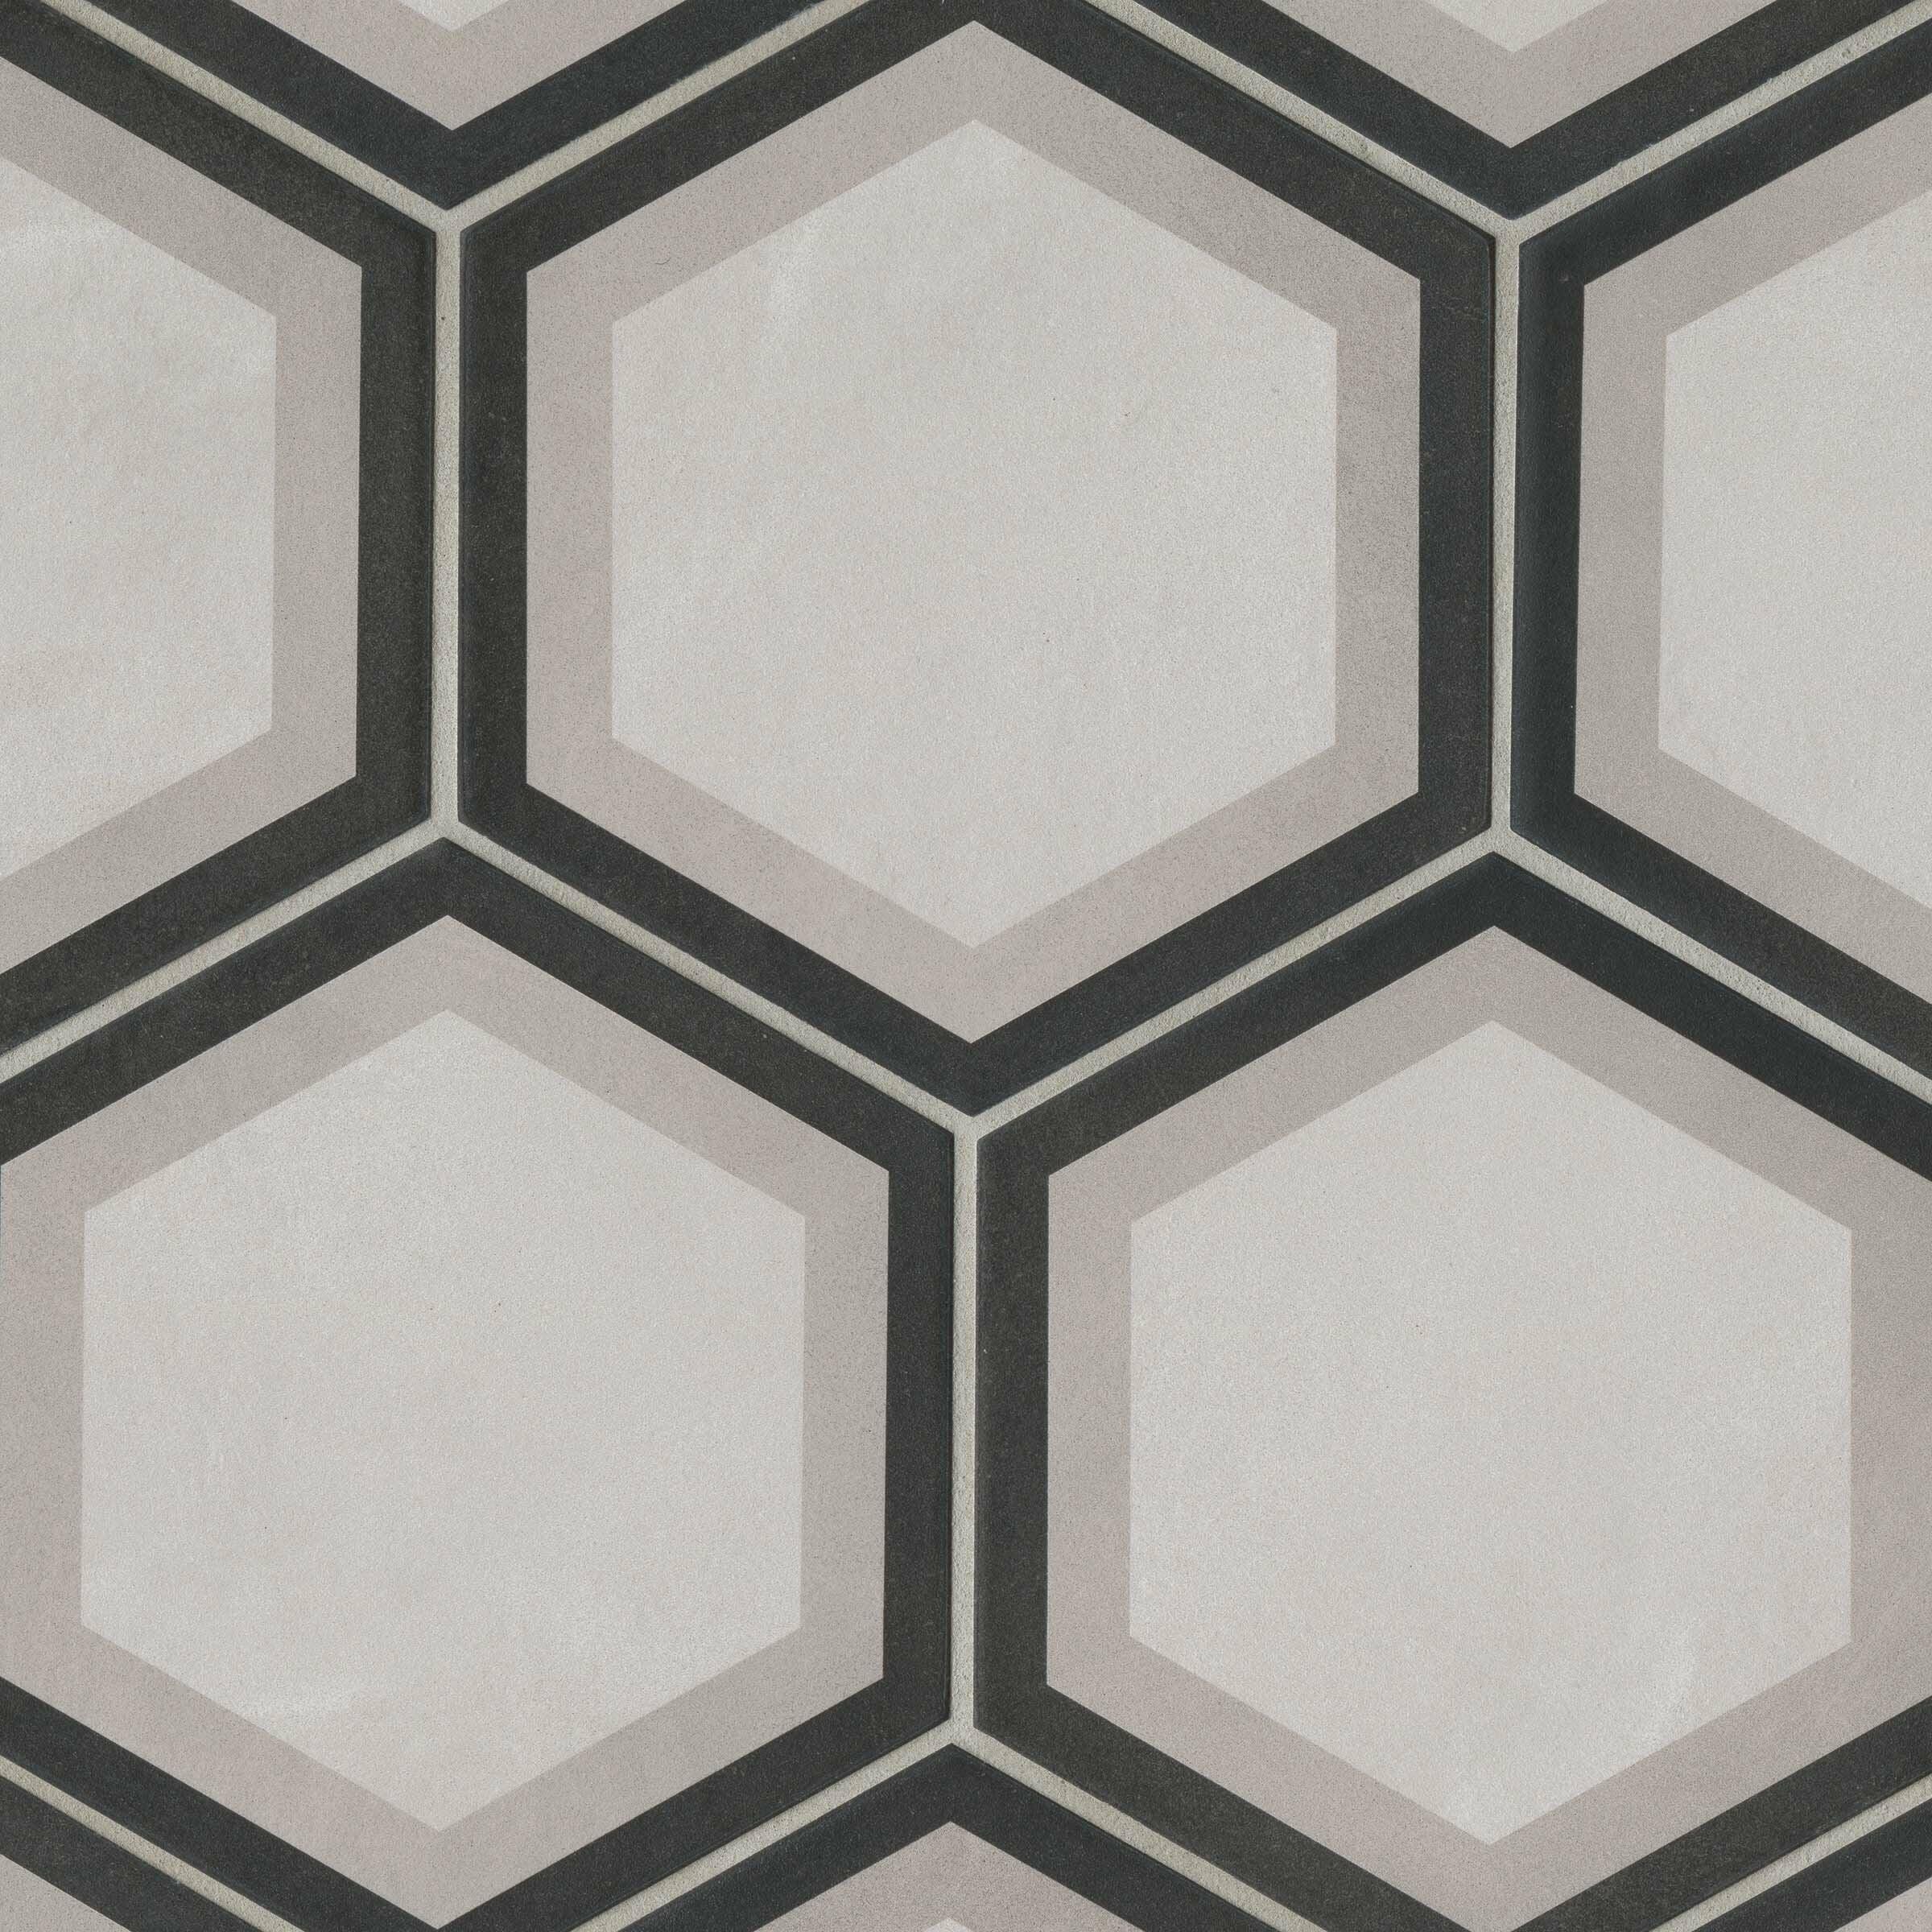 Dearborn+9+x+10+Porcelain+Mosaic+Tile